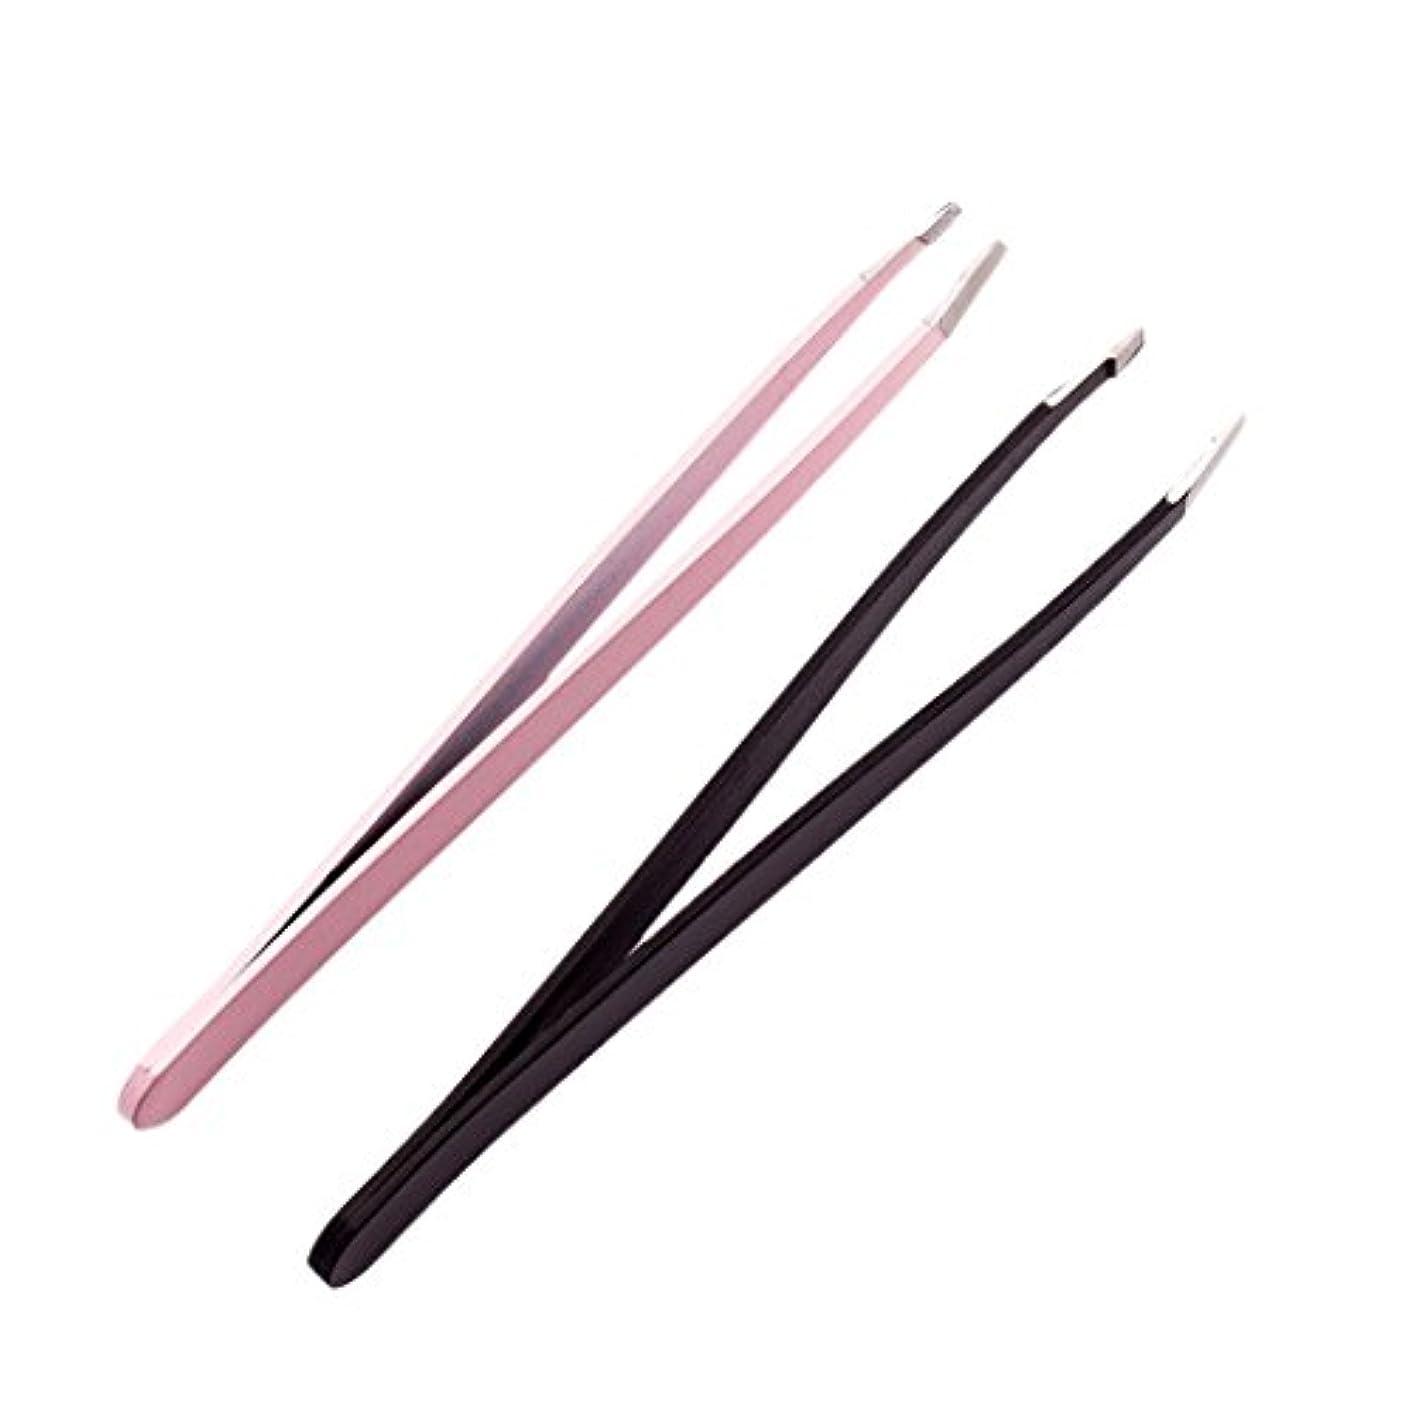 星シャイ応じる2個のプロフェッショナルな眉毛のピンセットは、ステンレス製の髪のリムーバーのツールセットを傾けた